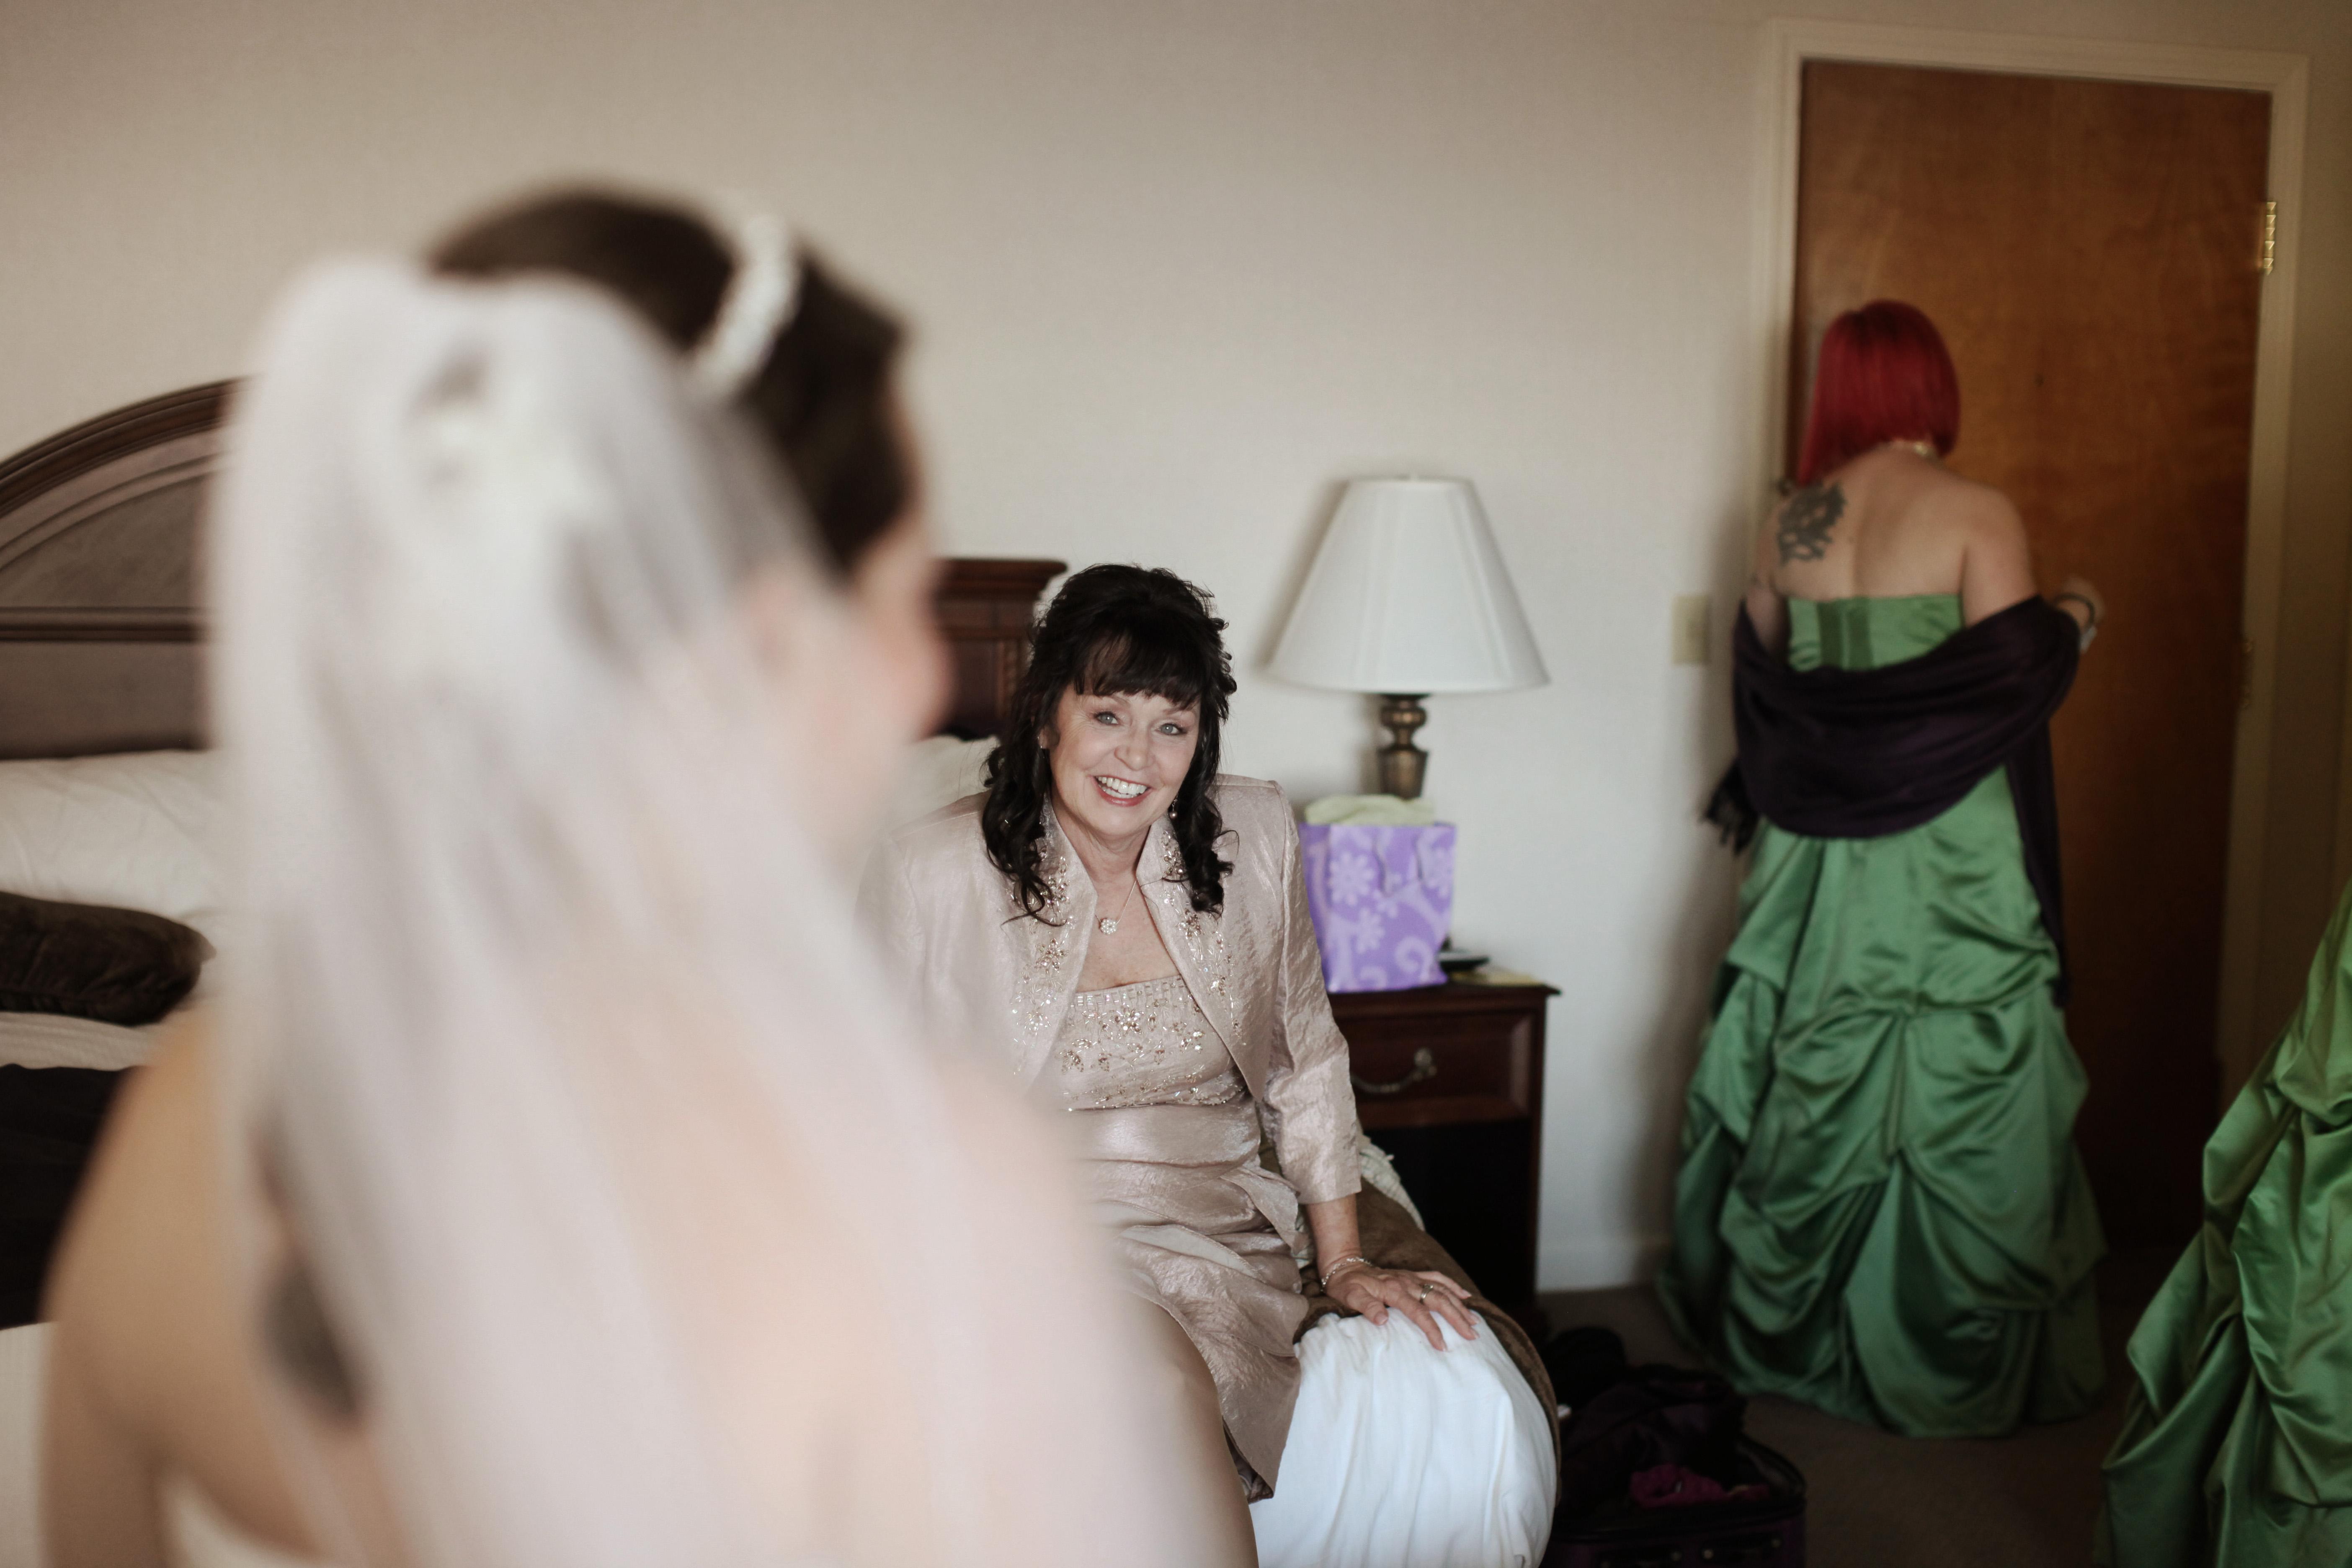 c_s_weddingflick2011_007